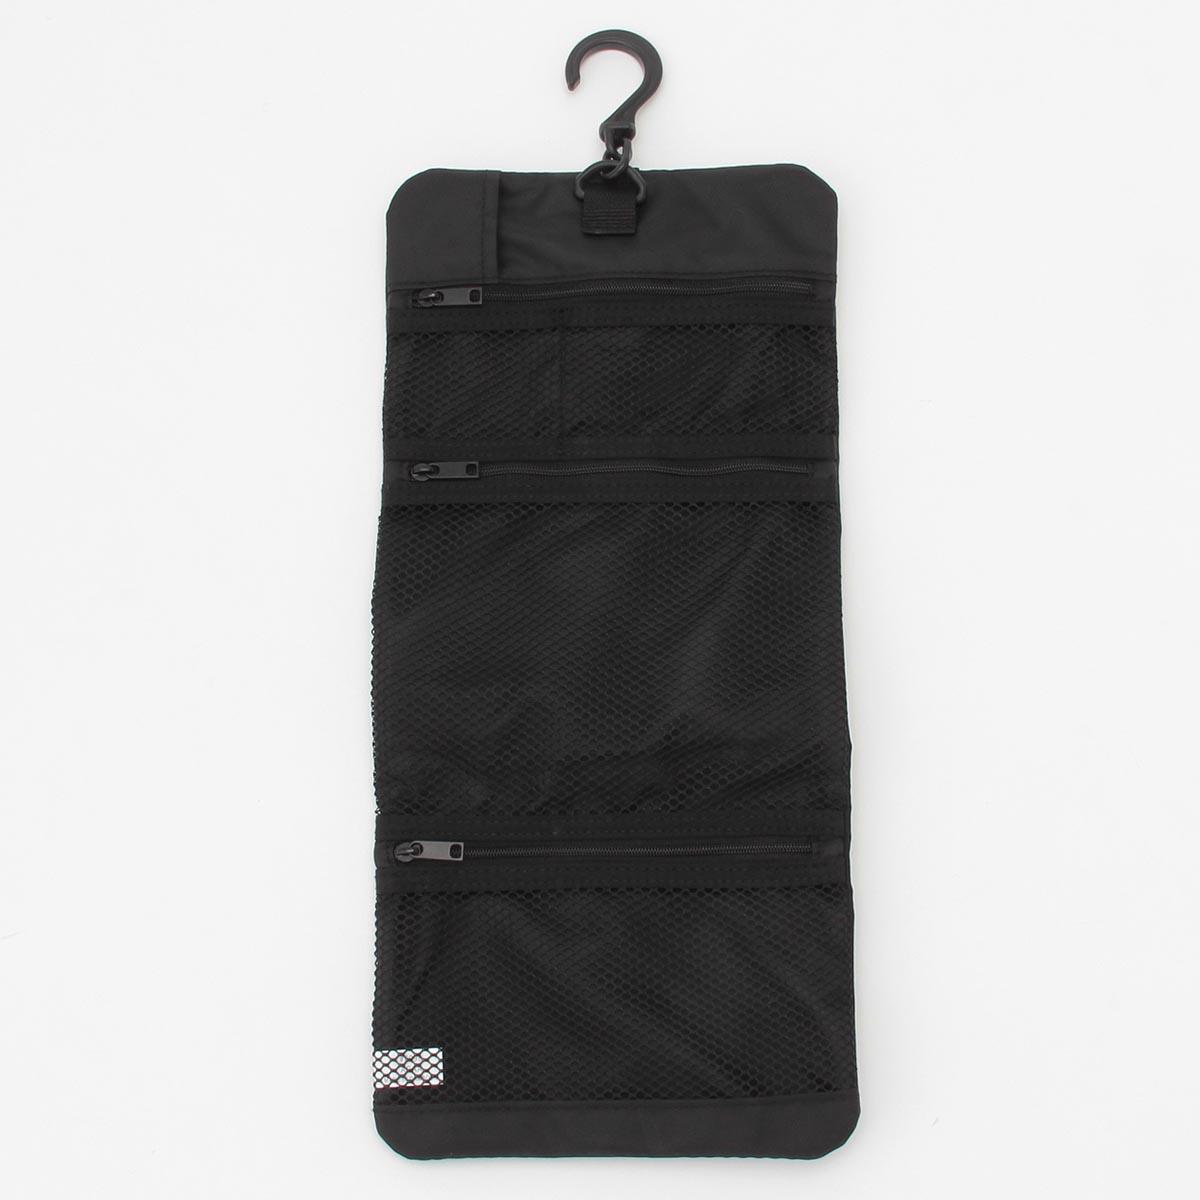 【無印良品公式】ポリエステル吊るせるケース小物ポケット黒・約12×18cm